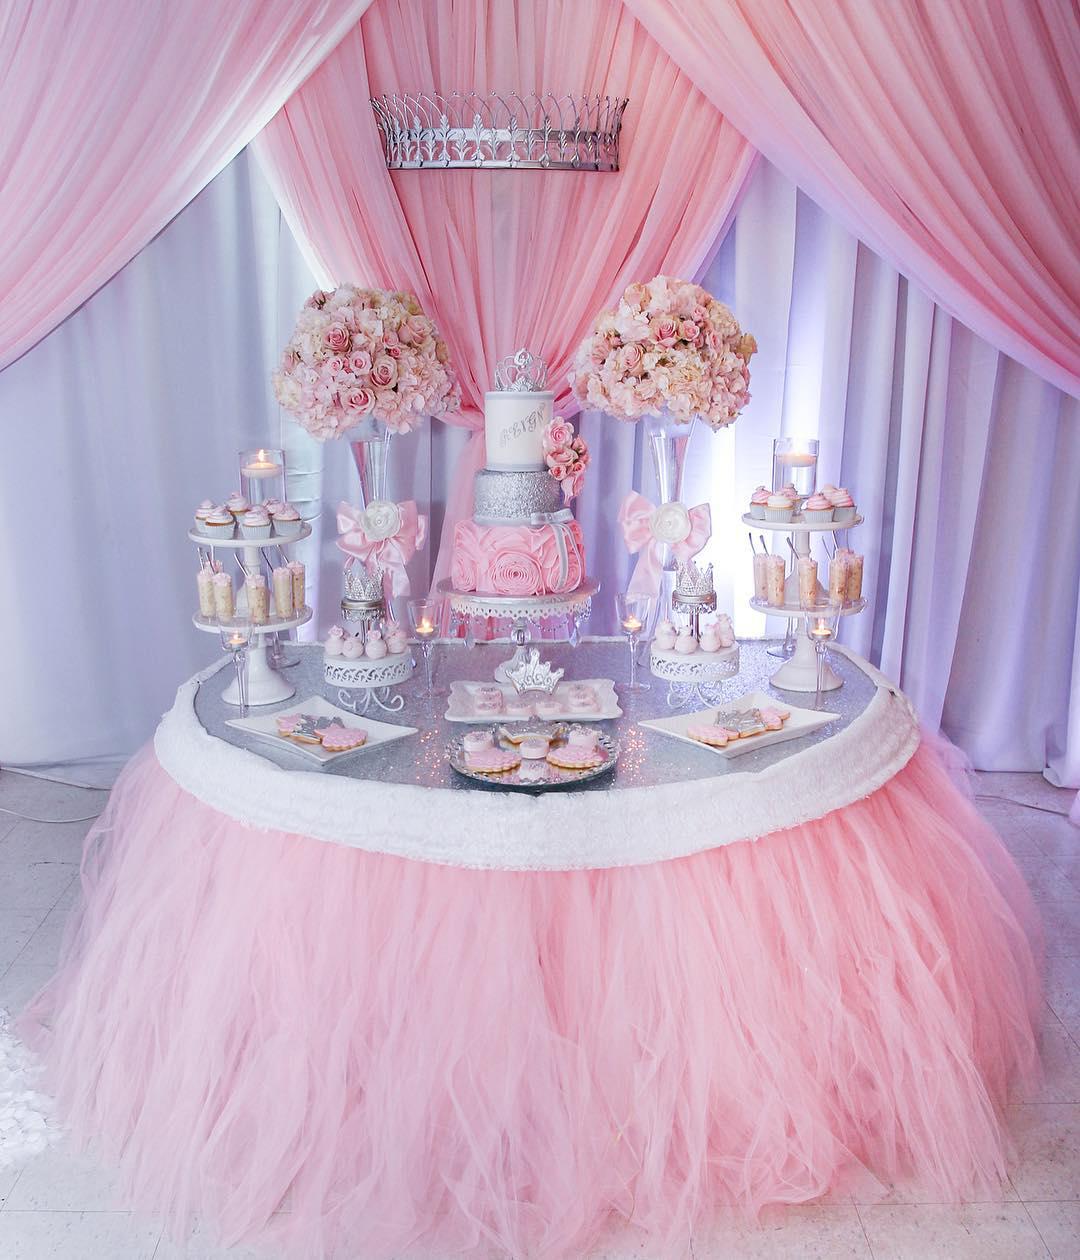 baby shower dessert table white cake stands.jpg